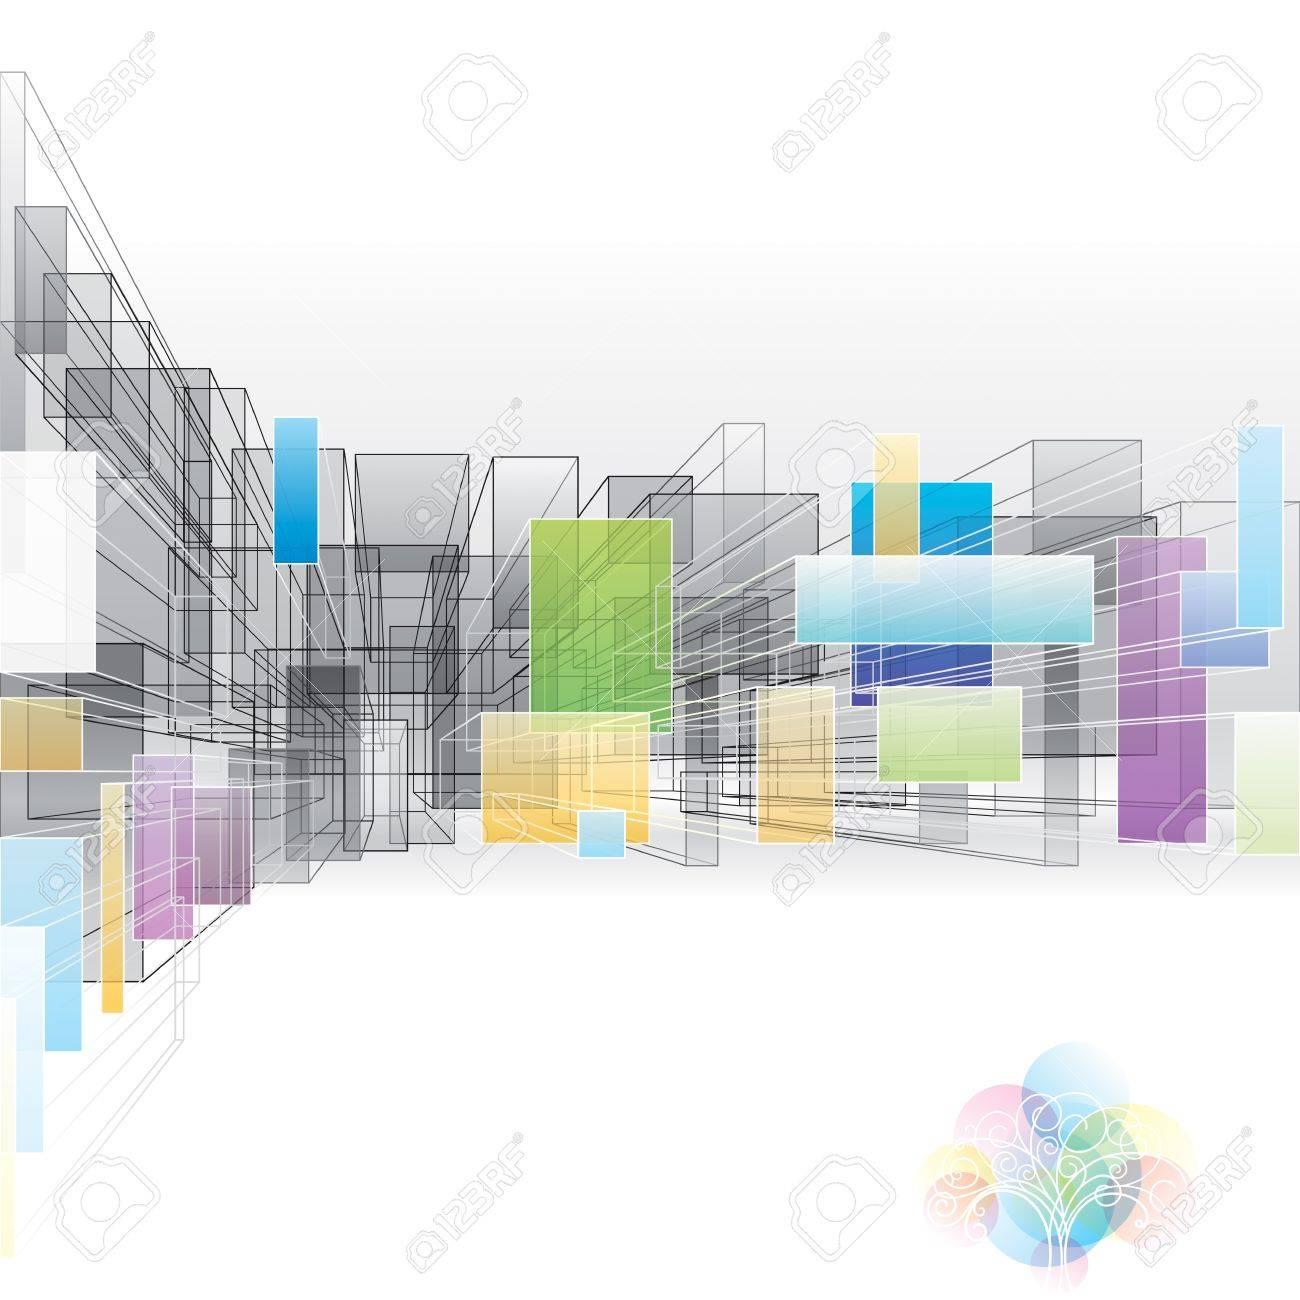 Fondo Abstracto 3D Para La Arquitectura Y El Diseño. Ilustraciones ...